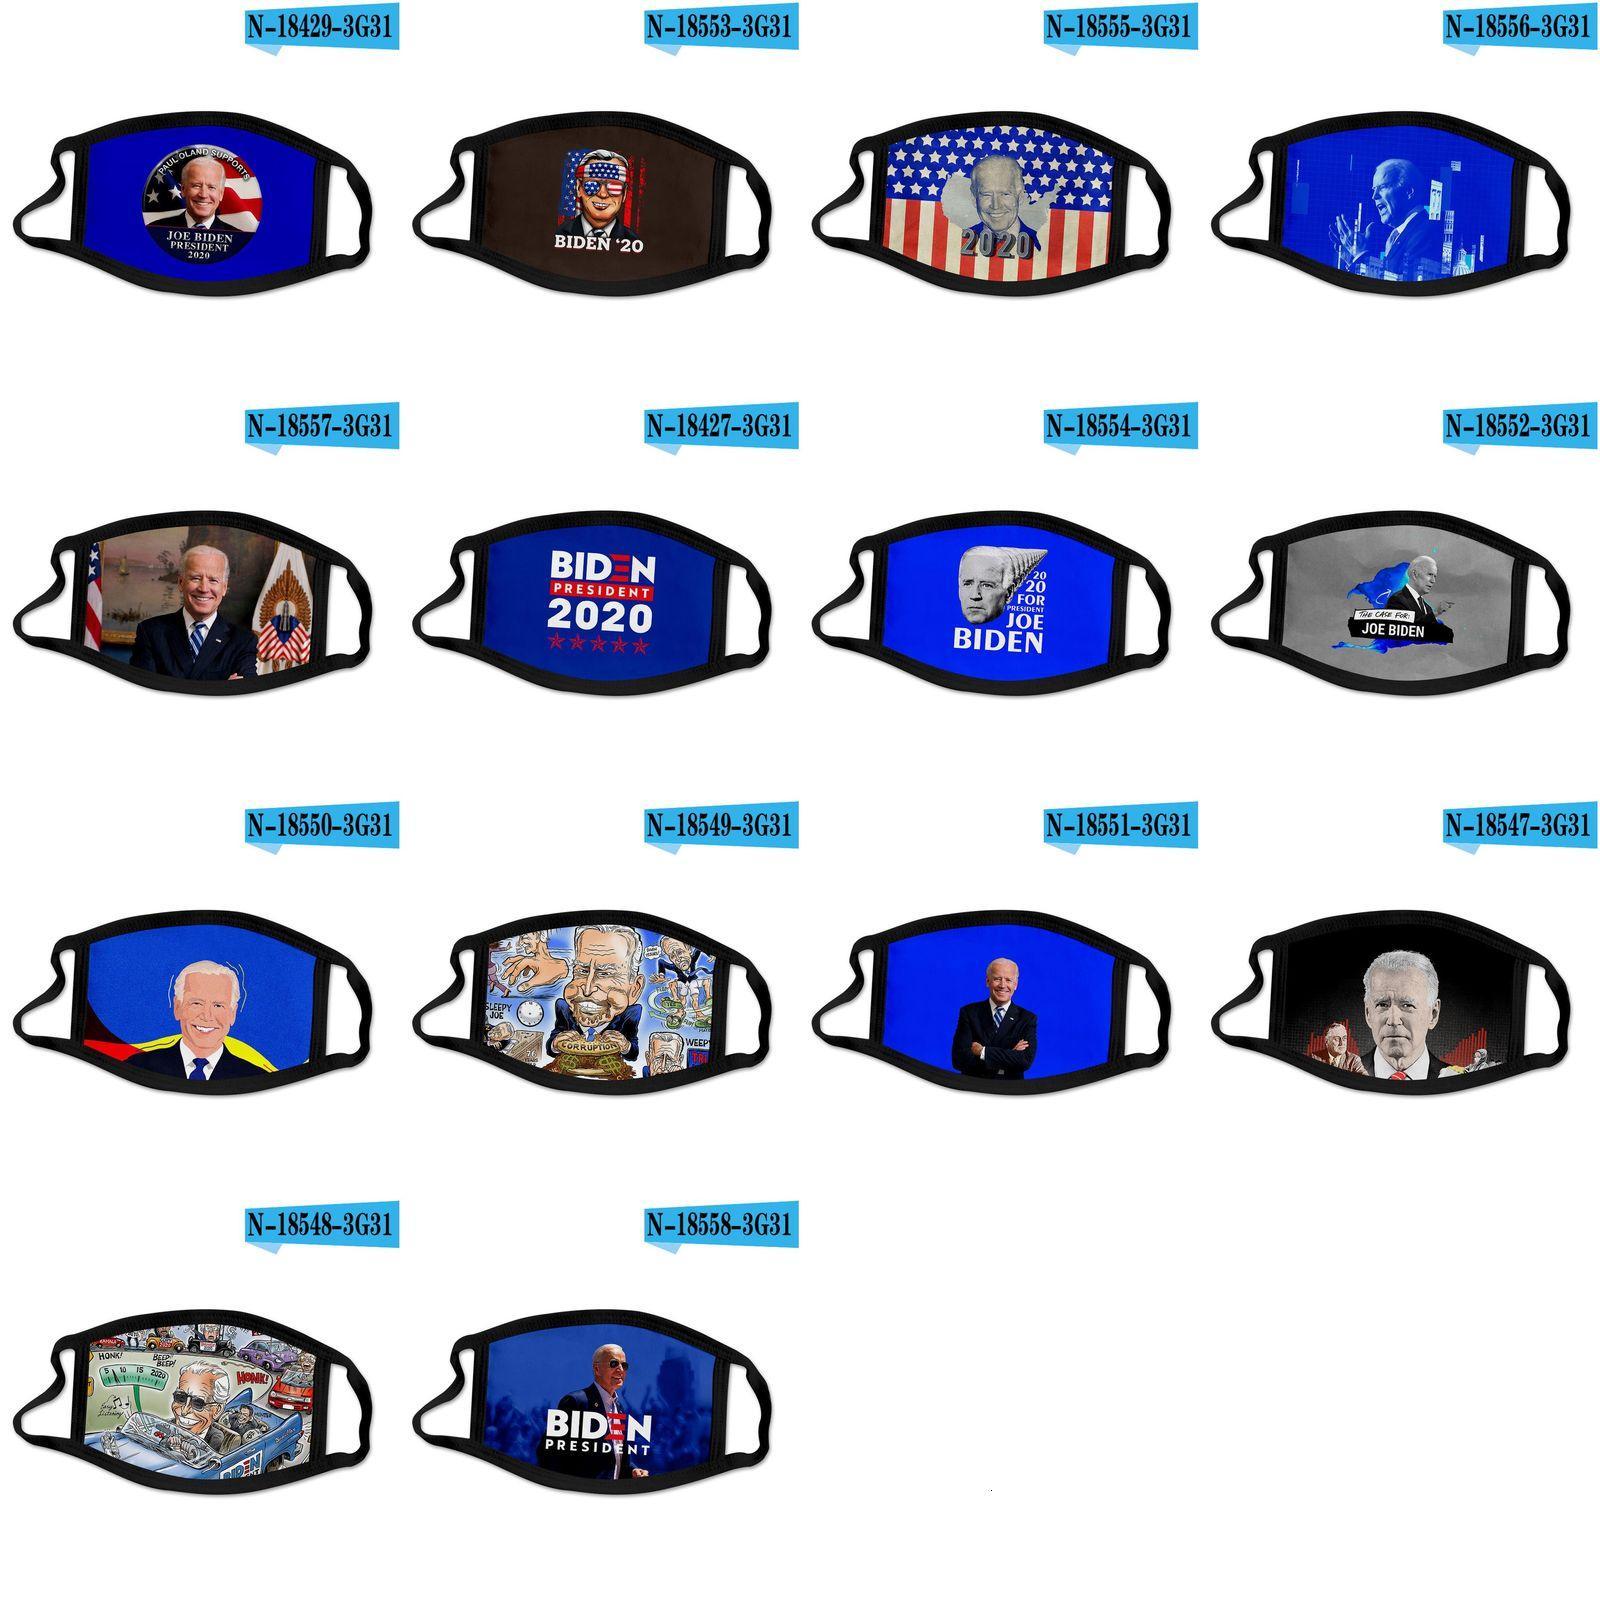 Dhl 2020 Designer maschera di Joe Biden siamo presidenziale Campagna elettorale in poliestere panno maschere transfrontaliera Mask supporto personalizzato